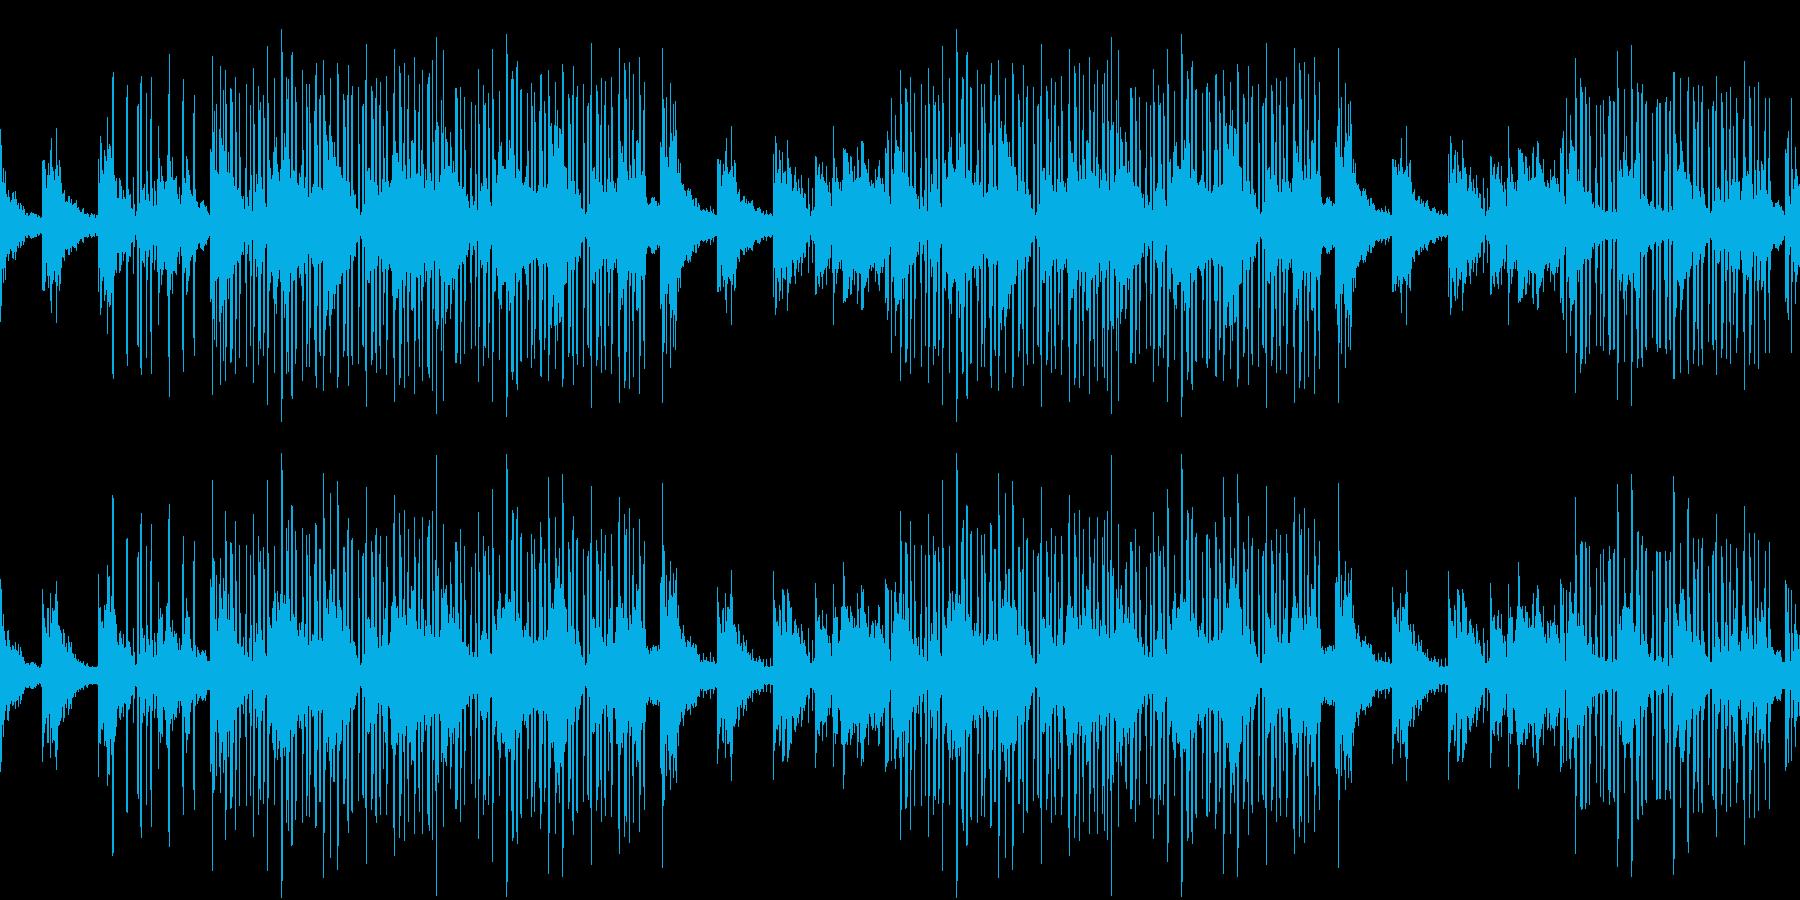 レトロ・お洒落・ピアノ・センチメンタルの再生済みの波形